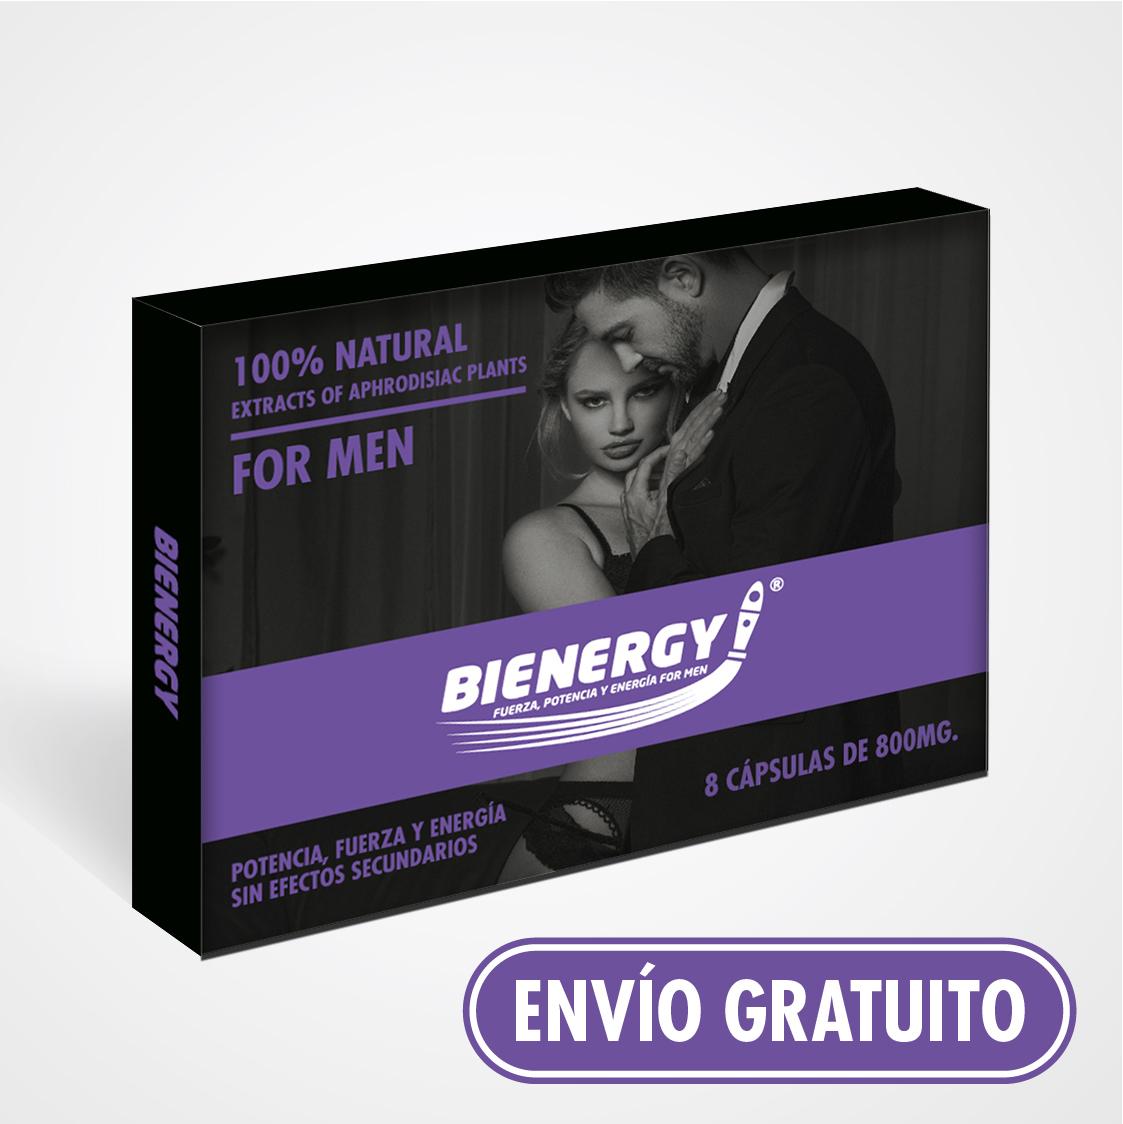 bienergy-8-capsulas-envio-gratuito